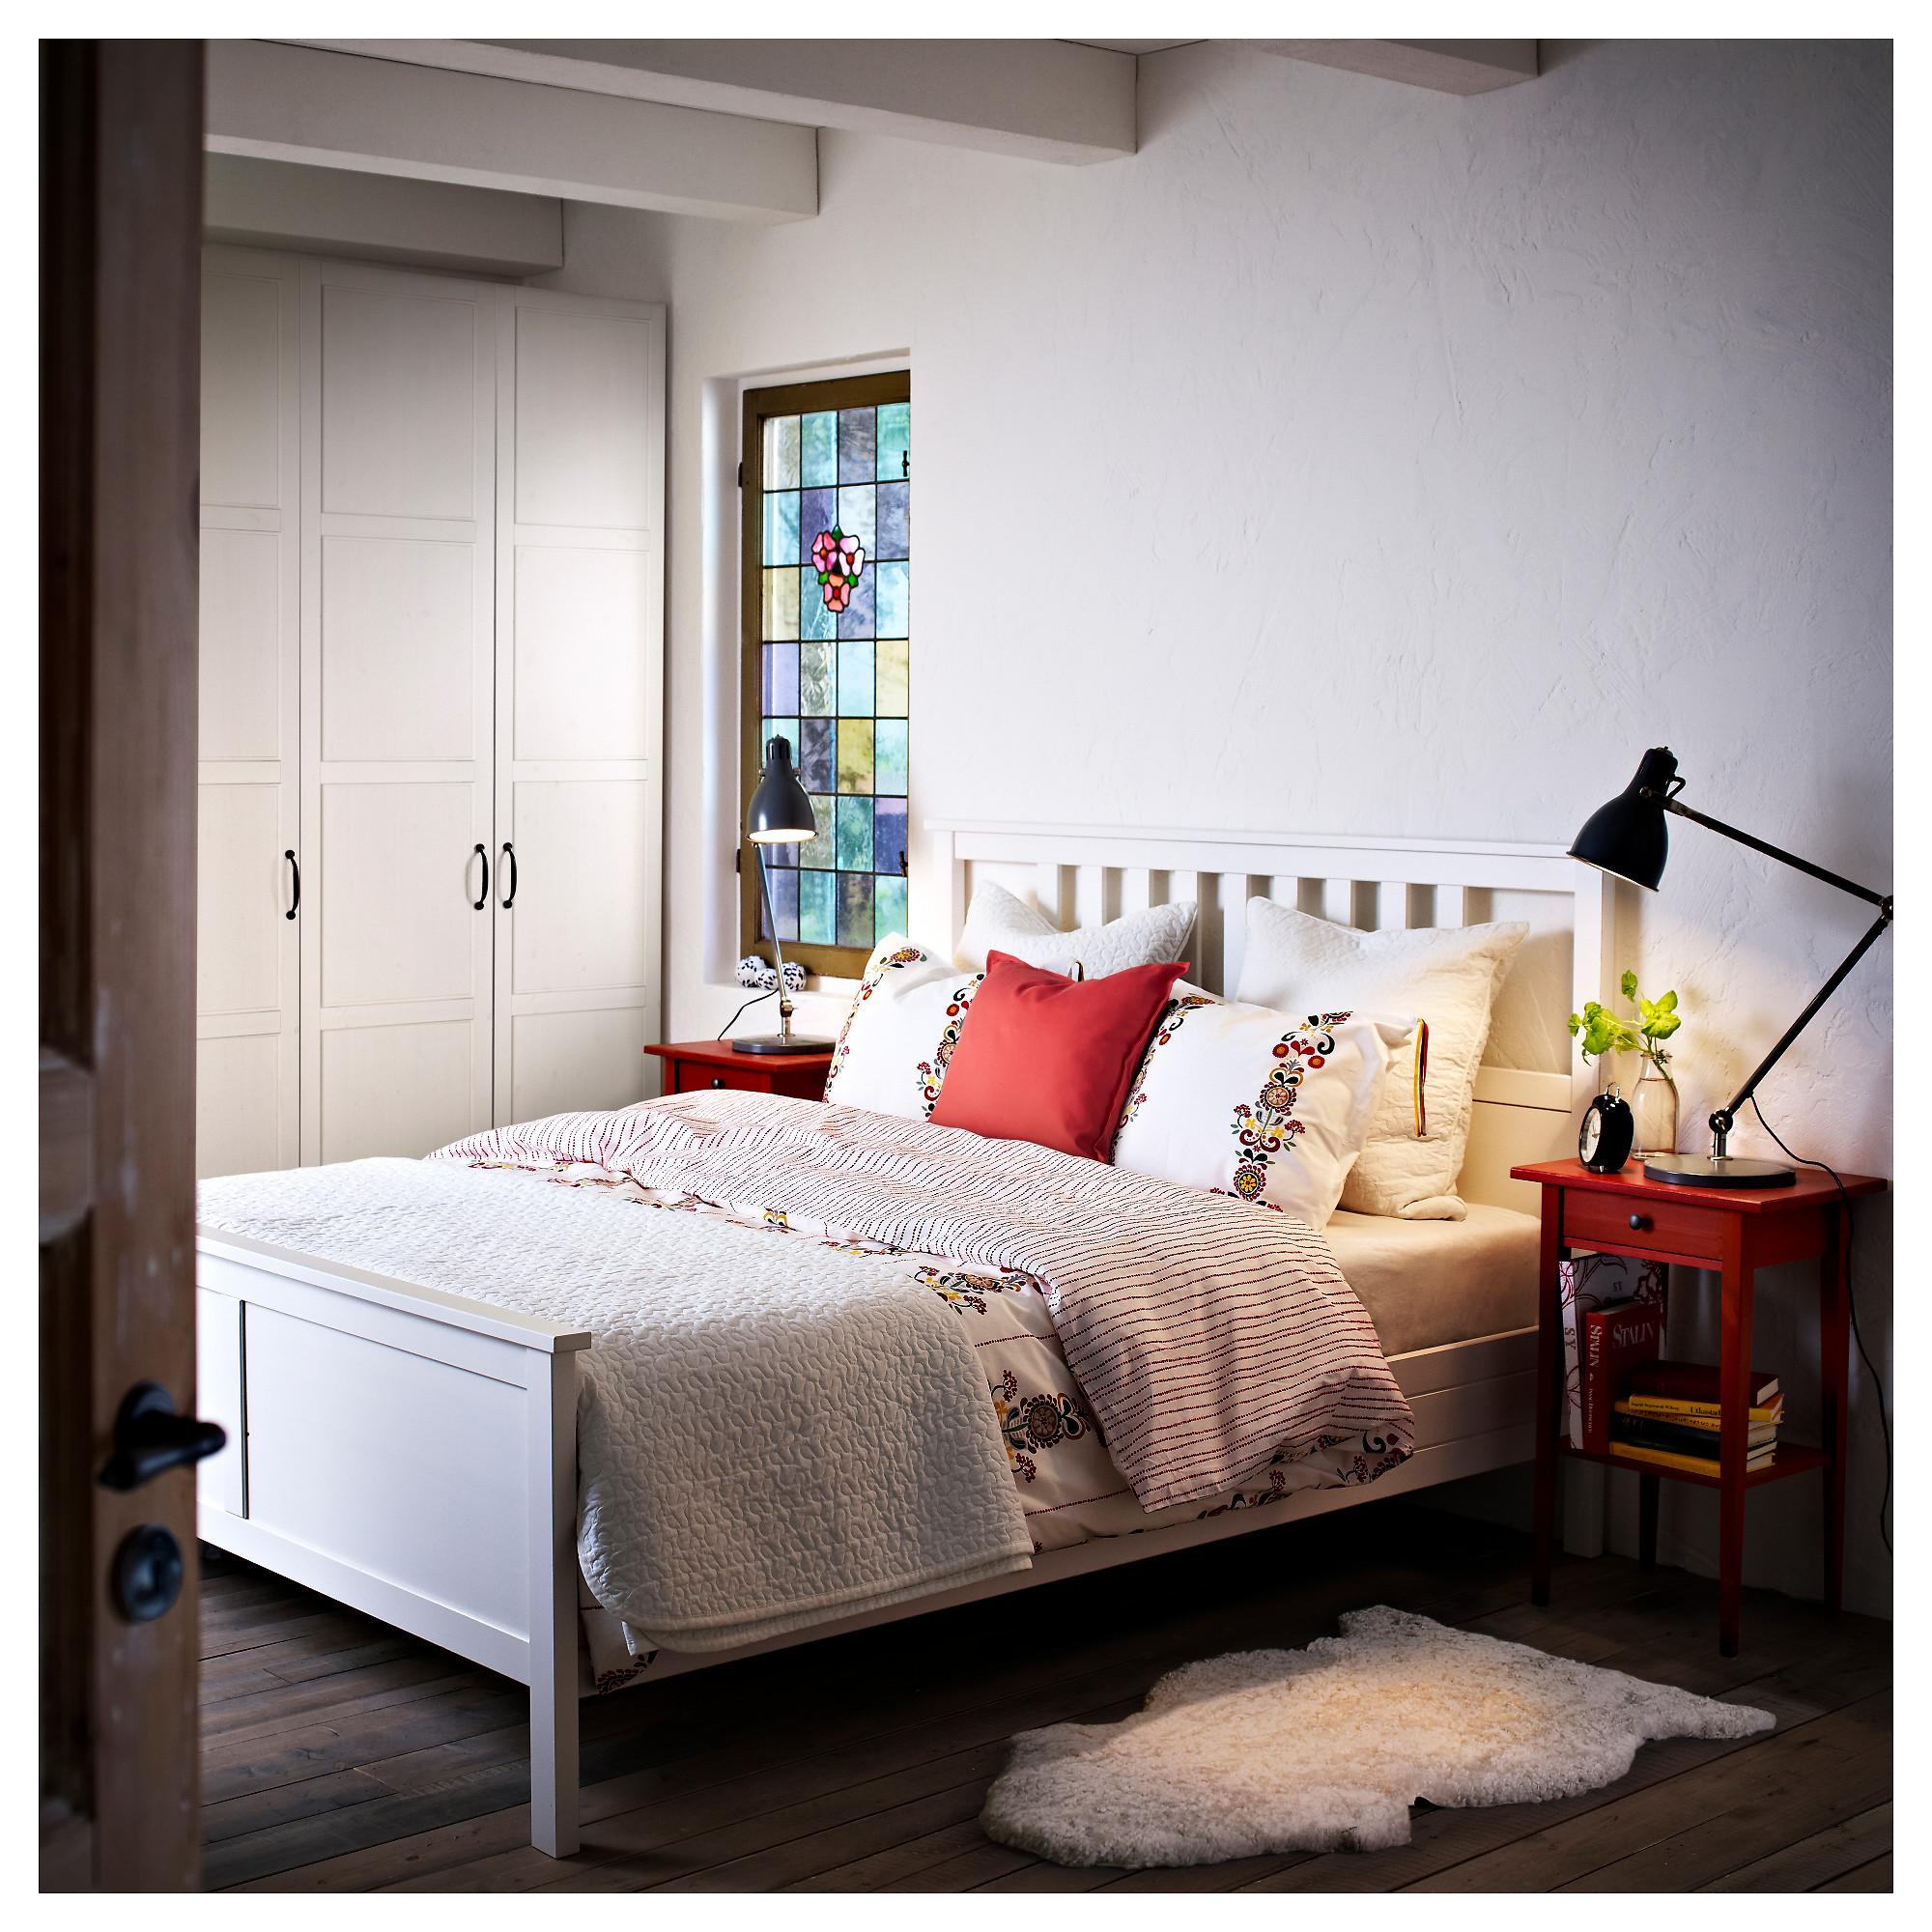 Кровать хемнэс белая в интерьере